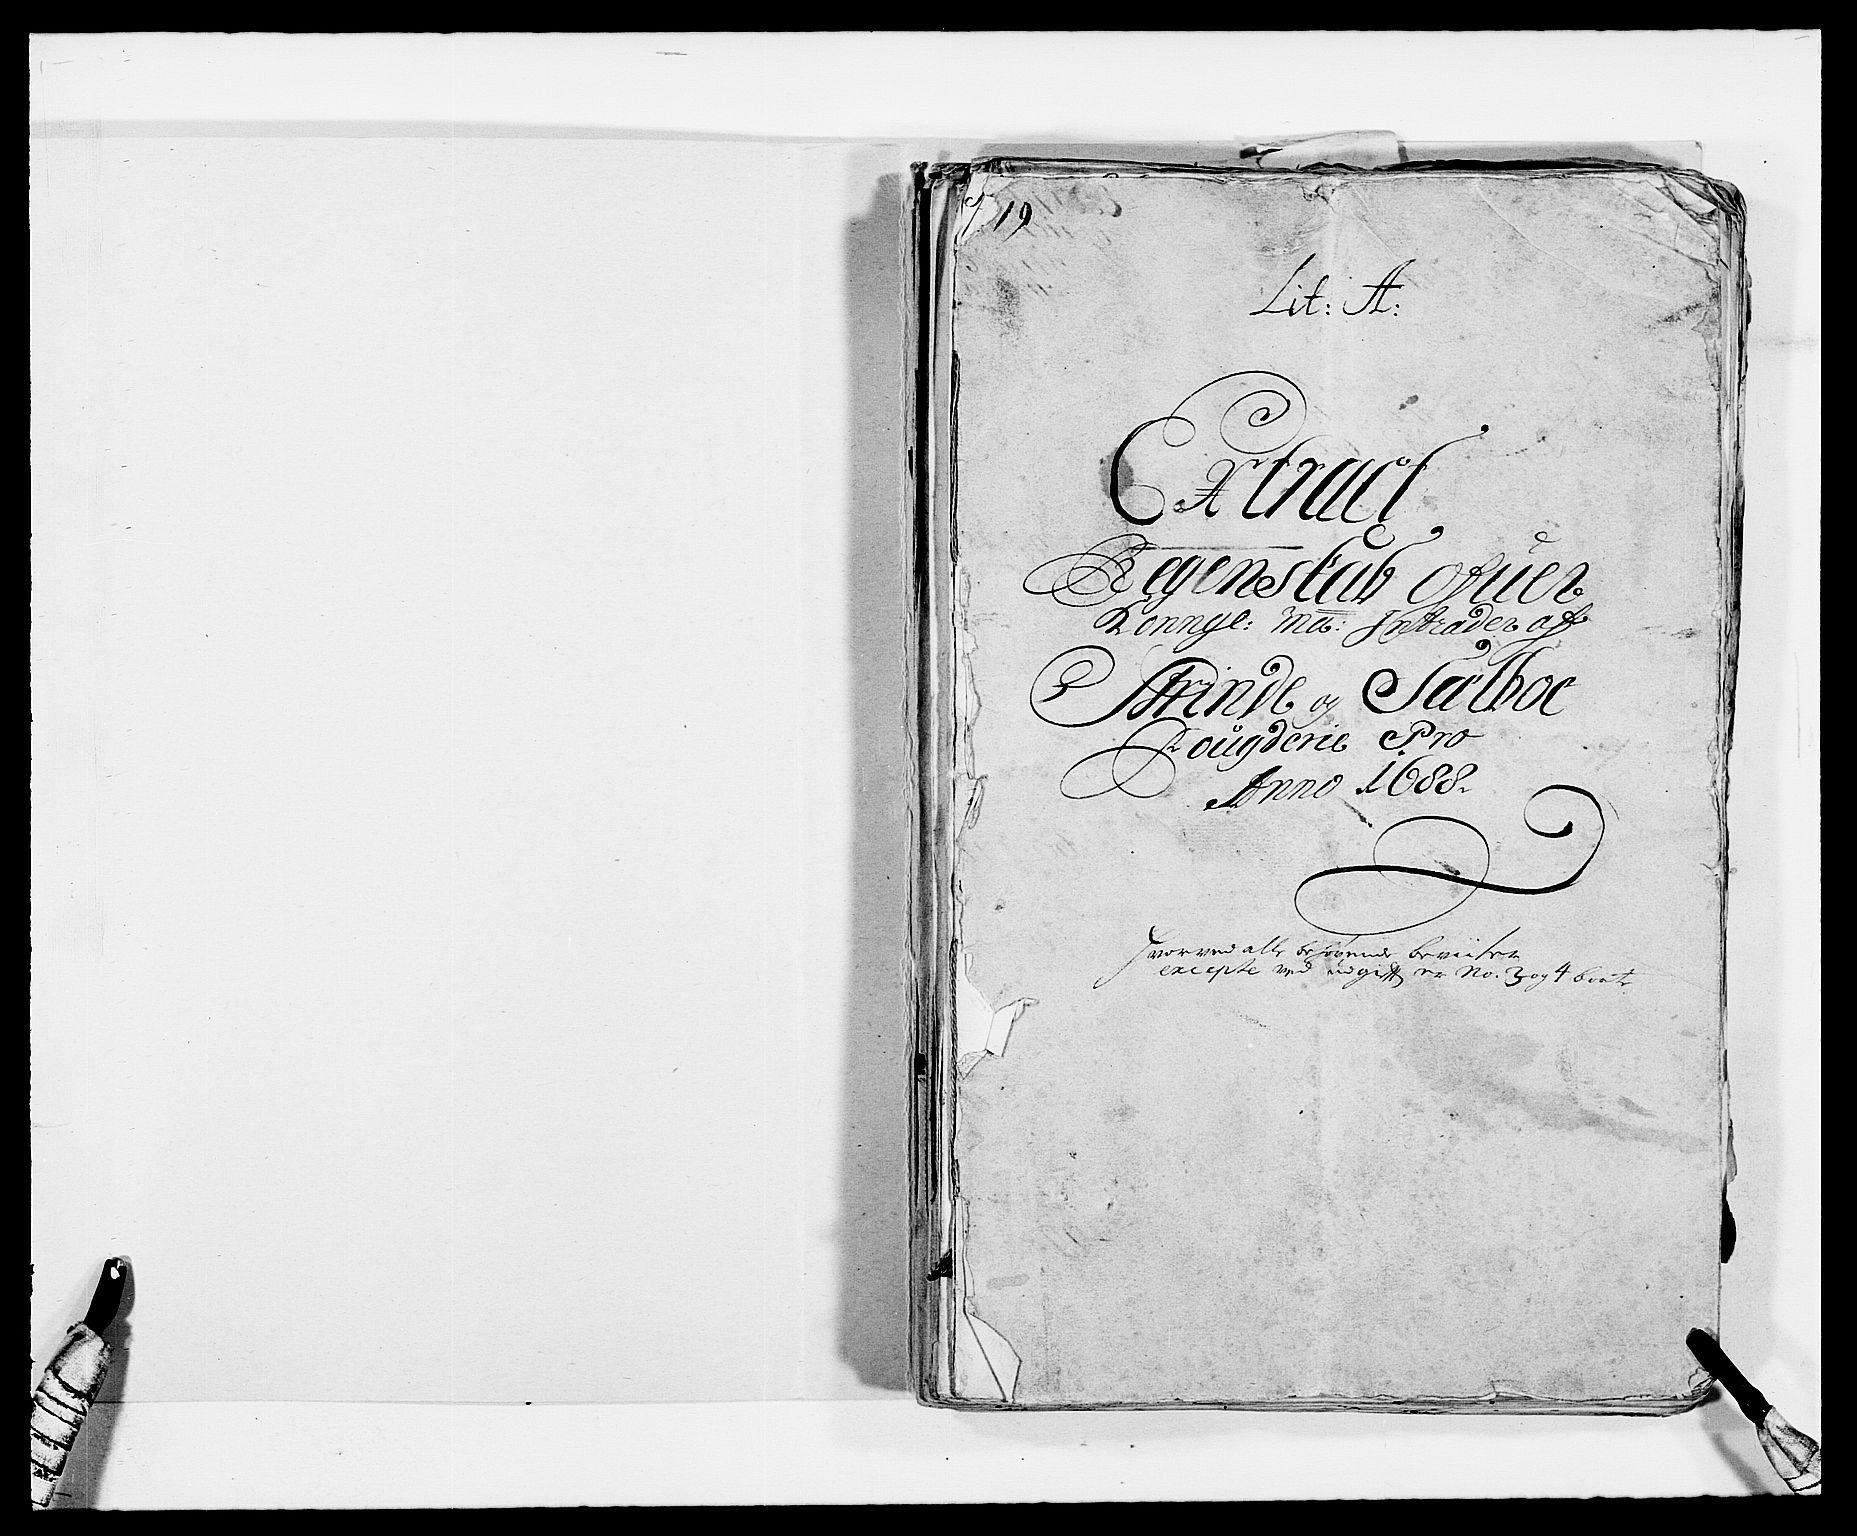 RA, Rentekammeret inntil 1814, Reviderte regnskaper, Fogderegnskap, R61/L4101: Fogderegnskap Strinda og Selbu, 1687-1688, s. 158